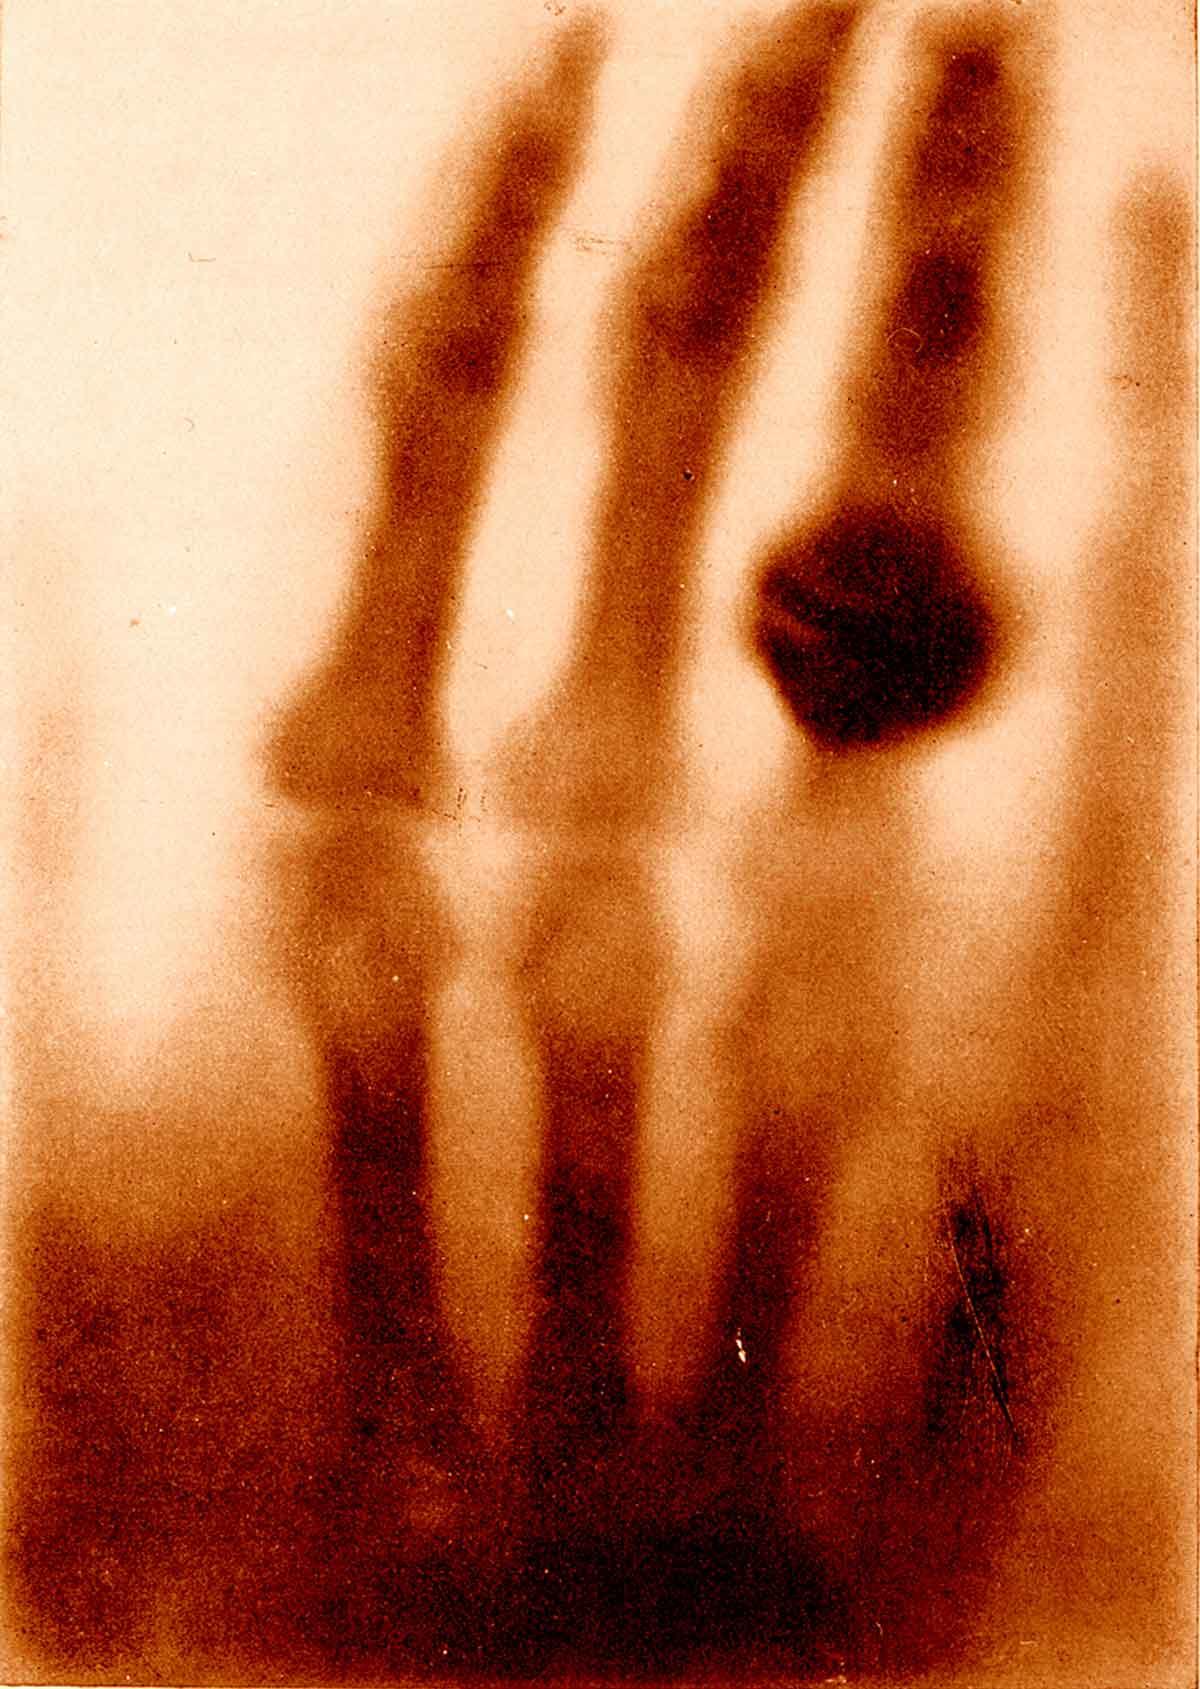 Fist x ray